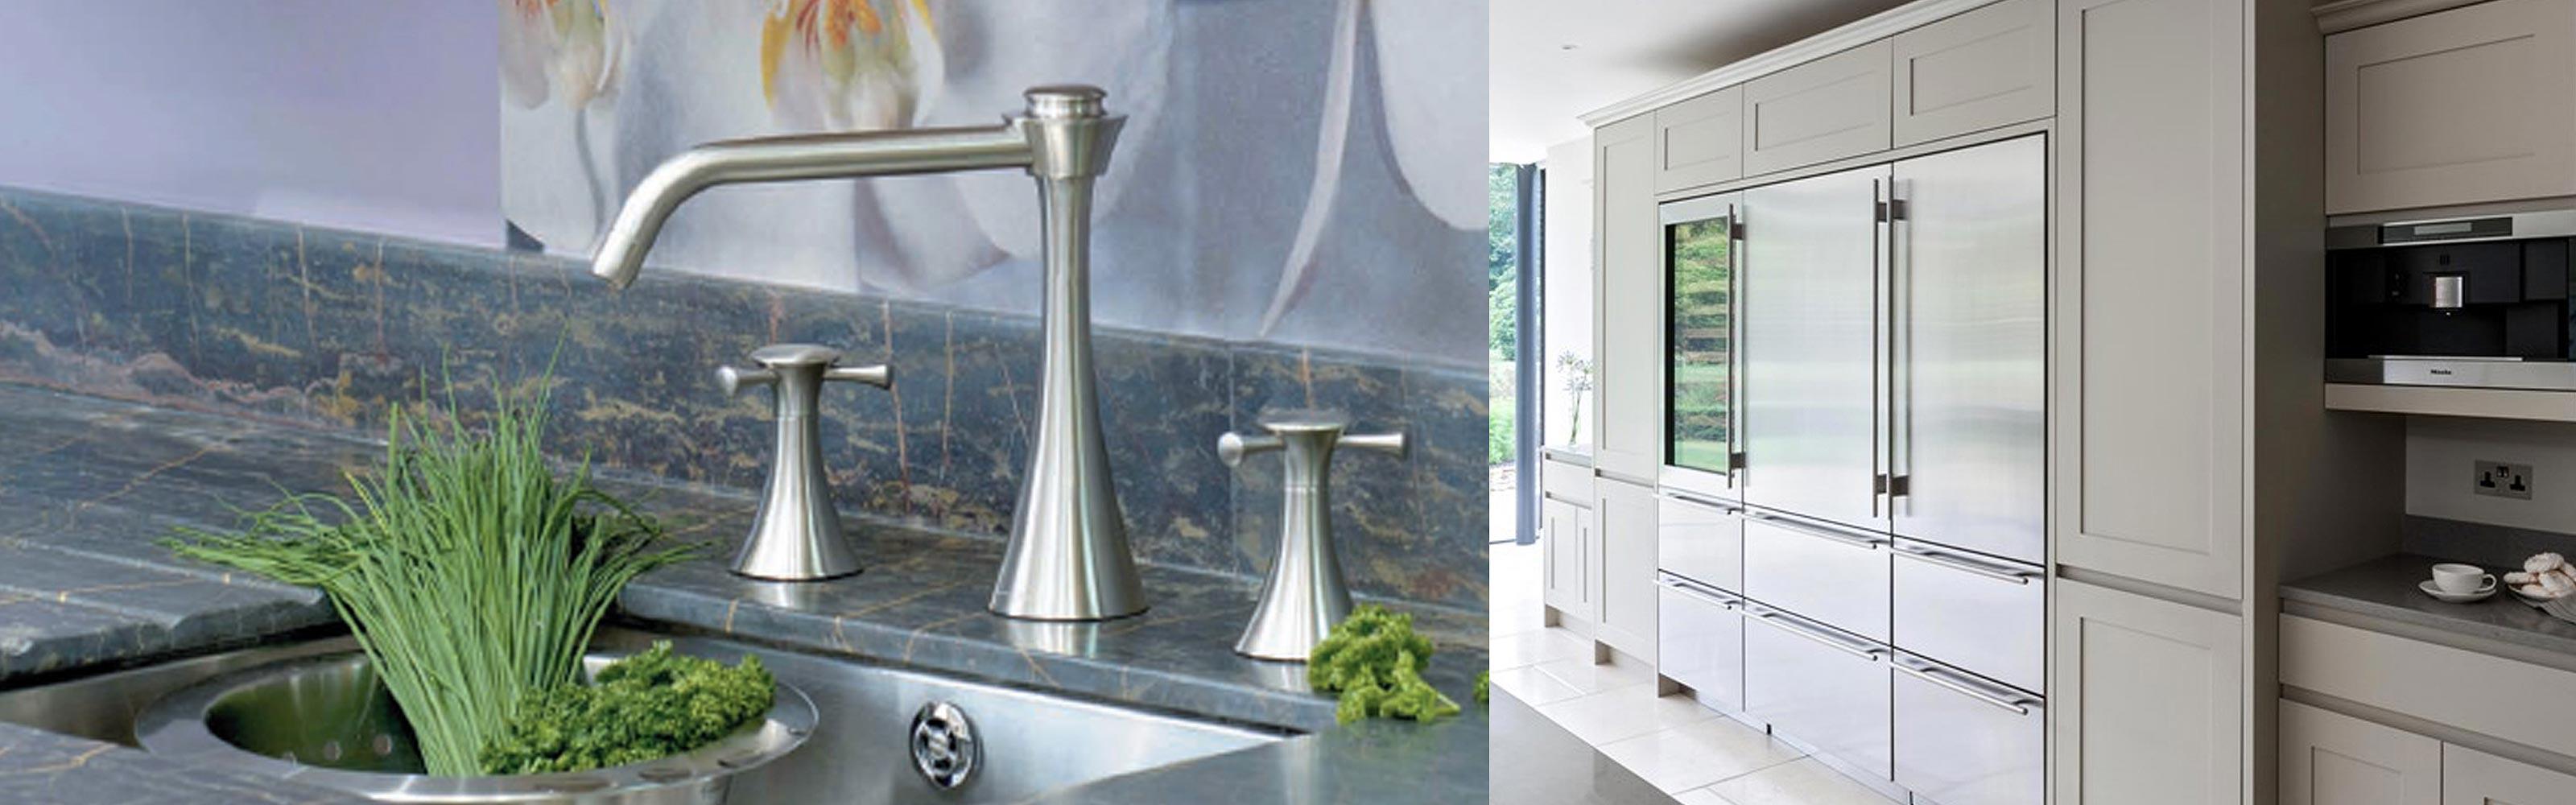 Euro Kitchen Bath Design Center